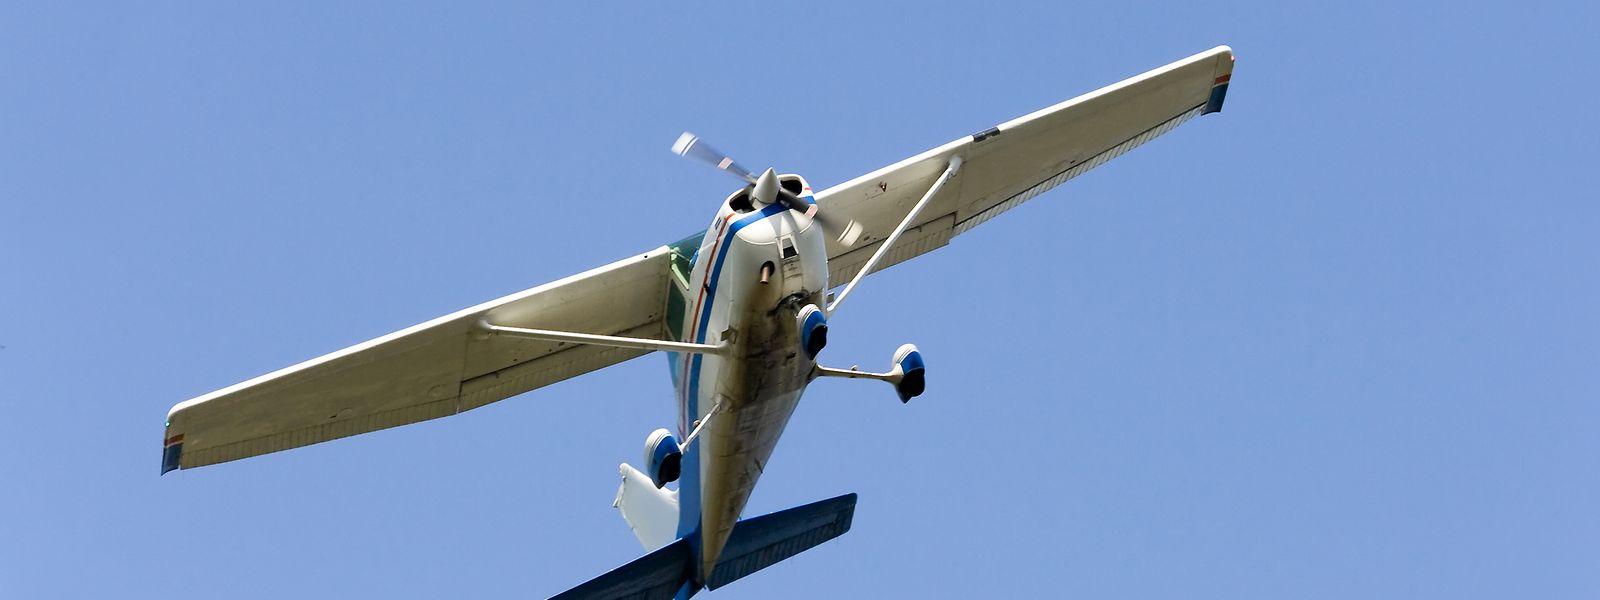 Hauptsächlich der Lärm der Leicht- und Sportflugzeuge macht den Anwohnern zu schaffen.